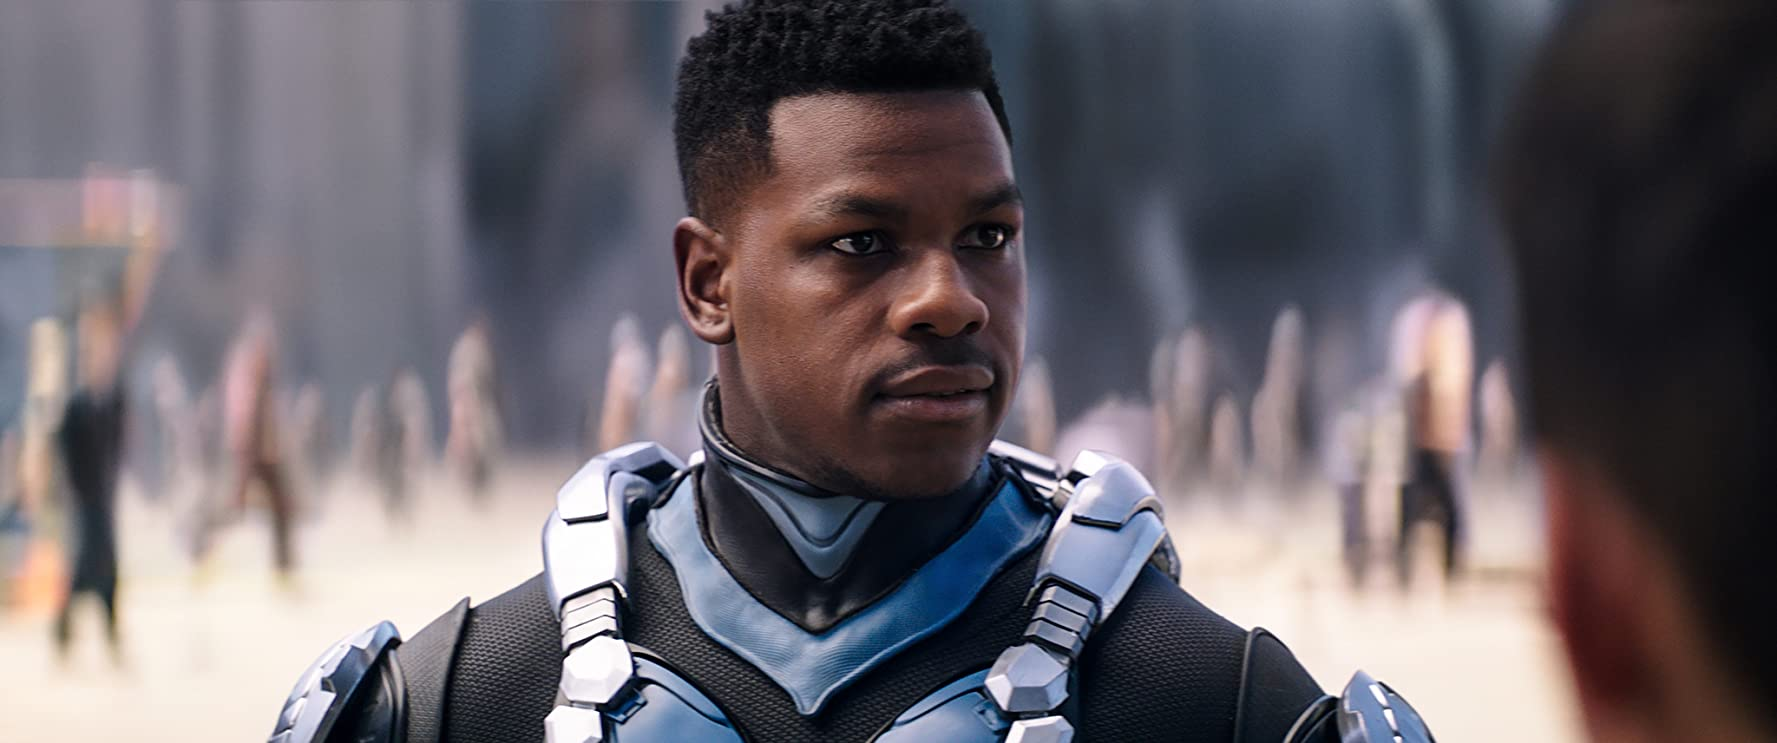 John Boyega in Pacific Rim: Uprising (2018)